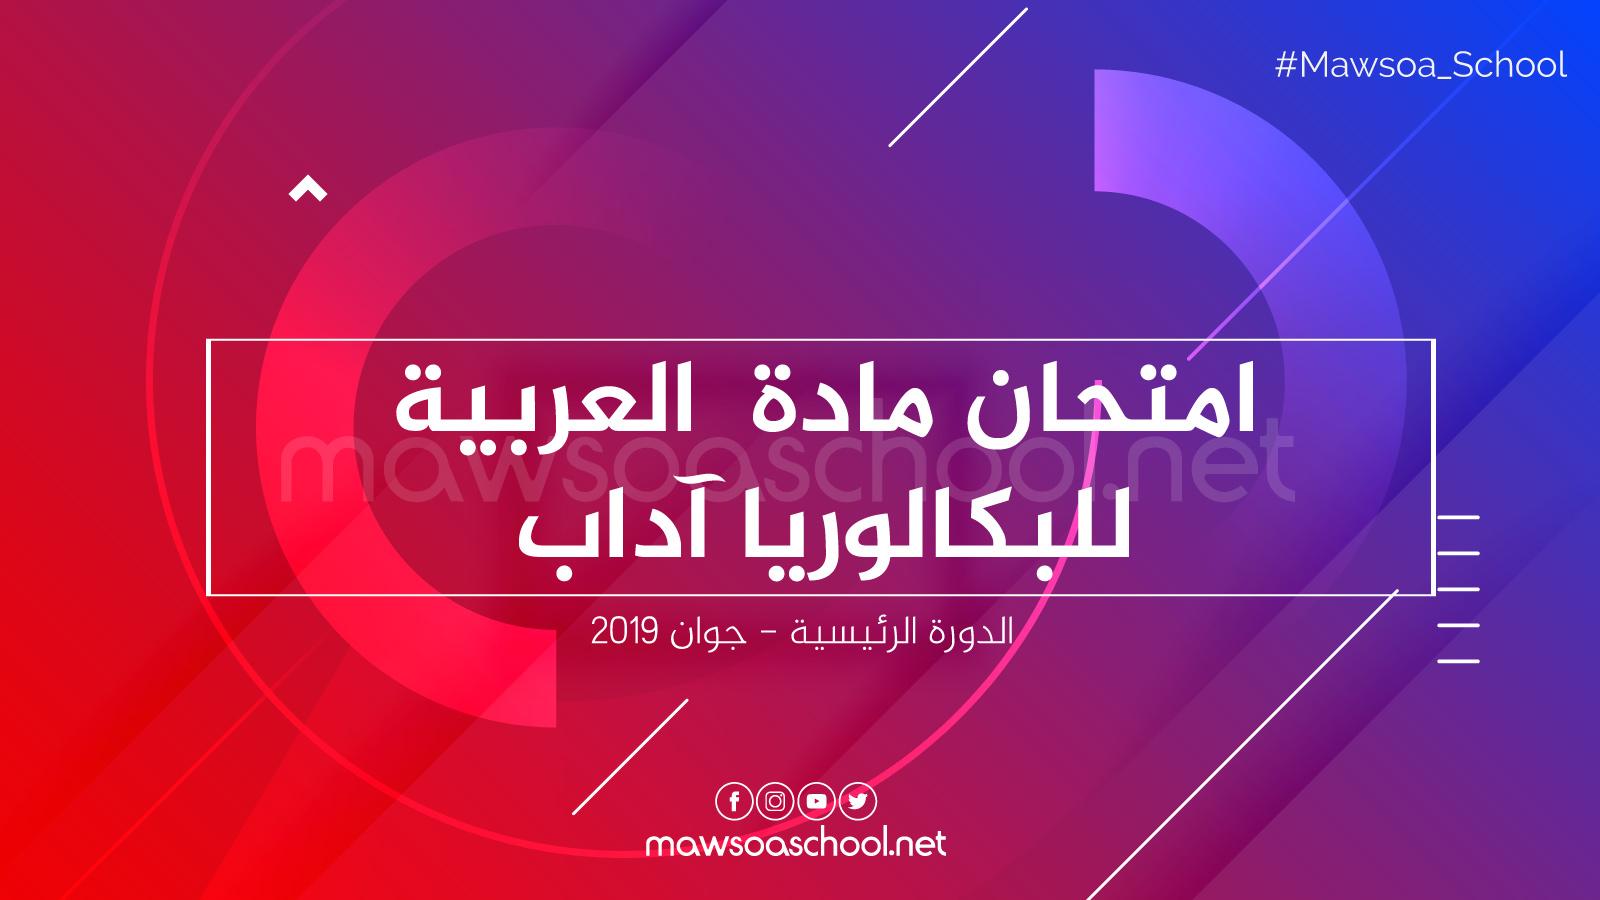 امتحان مادة العربية للبكالوريا آداب - دورة جوان 2019